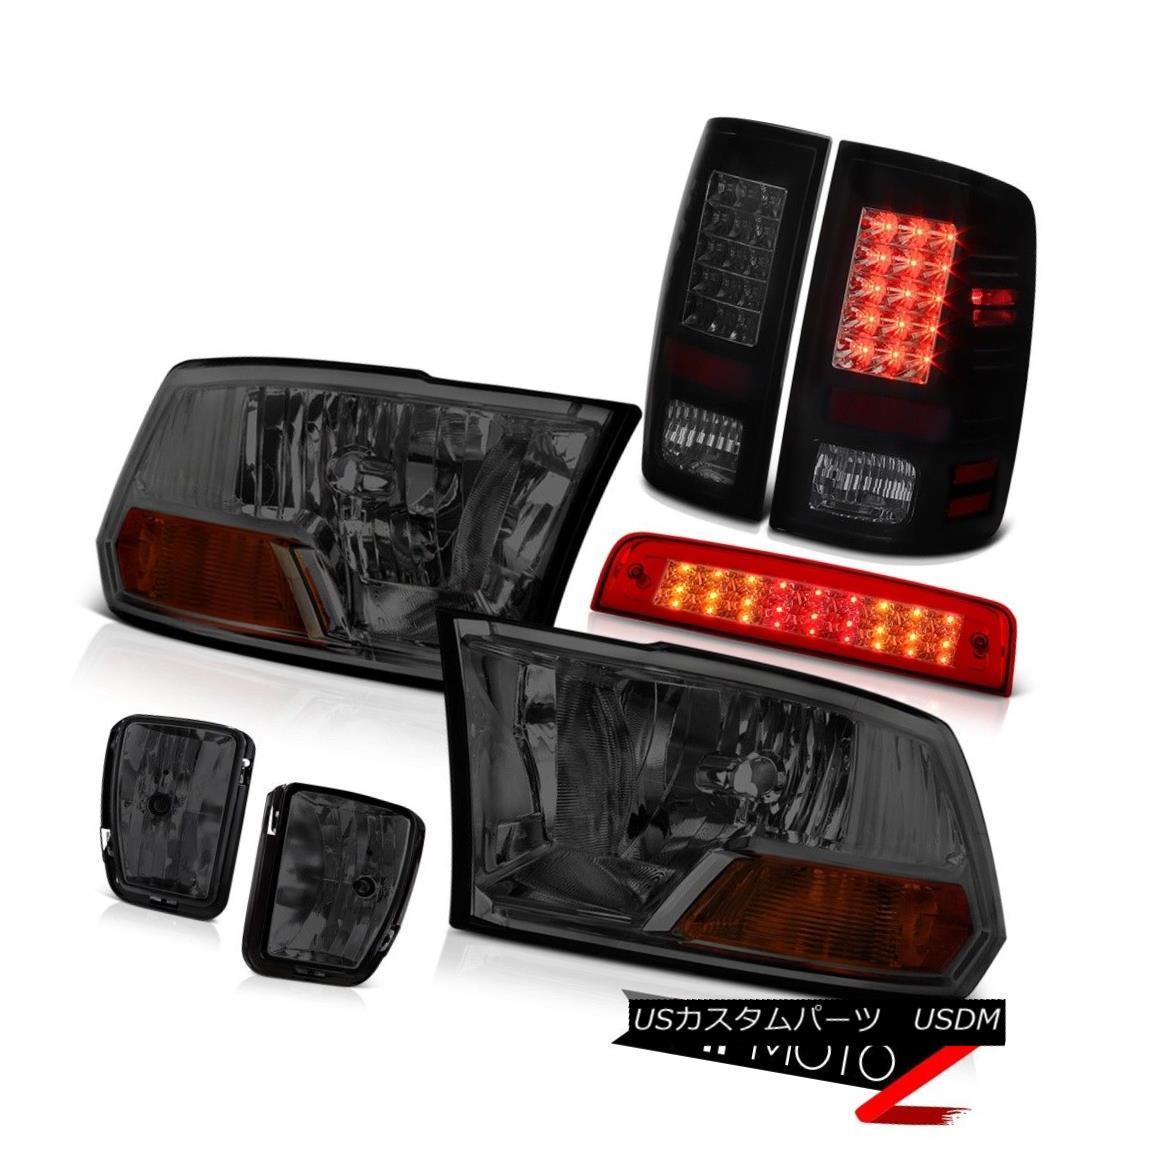 テールライト 13-18 Ram 1500 SpoRT Rosso Red Roof Brake Light Fog Lamps Tail Lights Headlights 13-18ラム1500 SpoRTロッソレッドルーフブレーキライトフォグランプテールライトヘッドライト